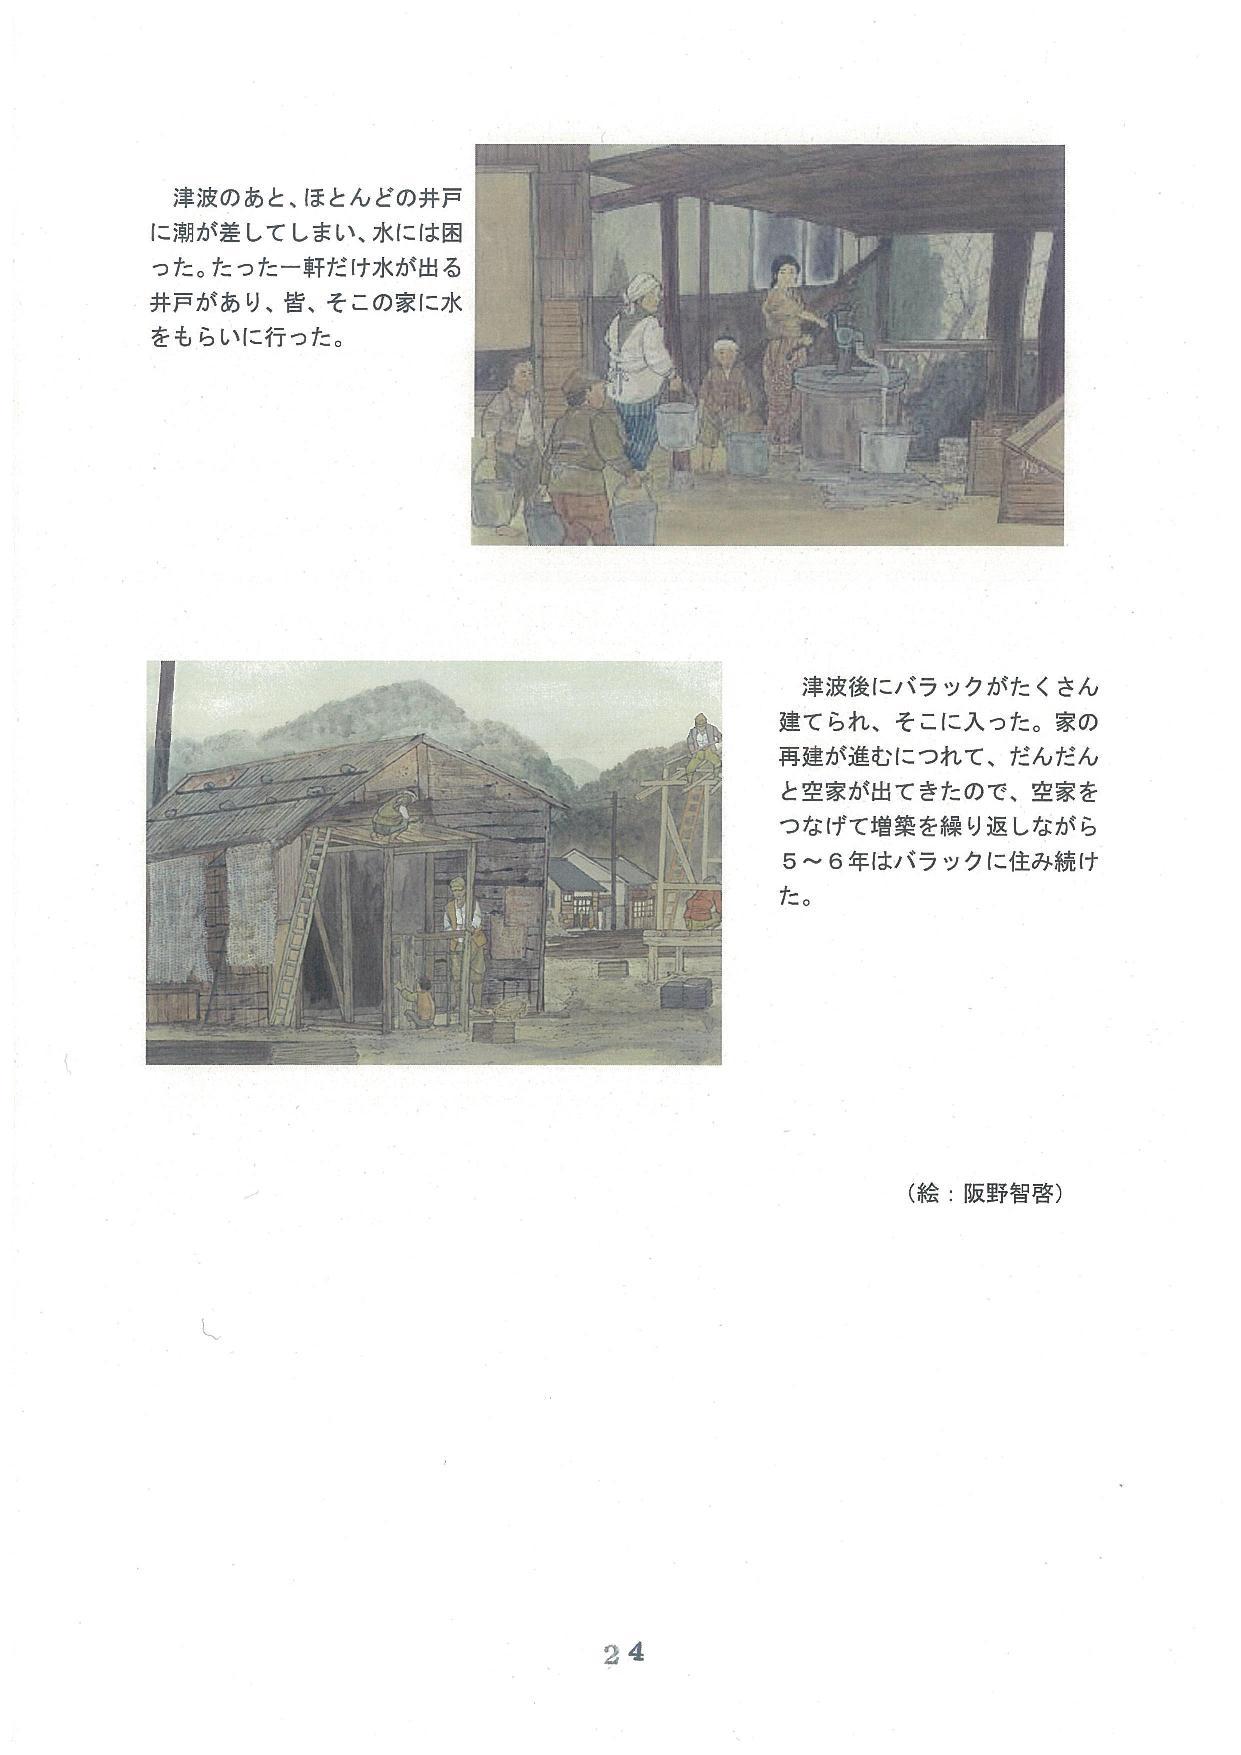 20171208-02_ページ_24